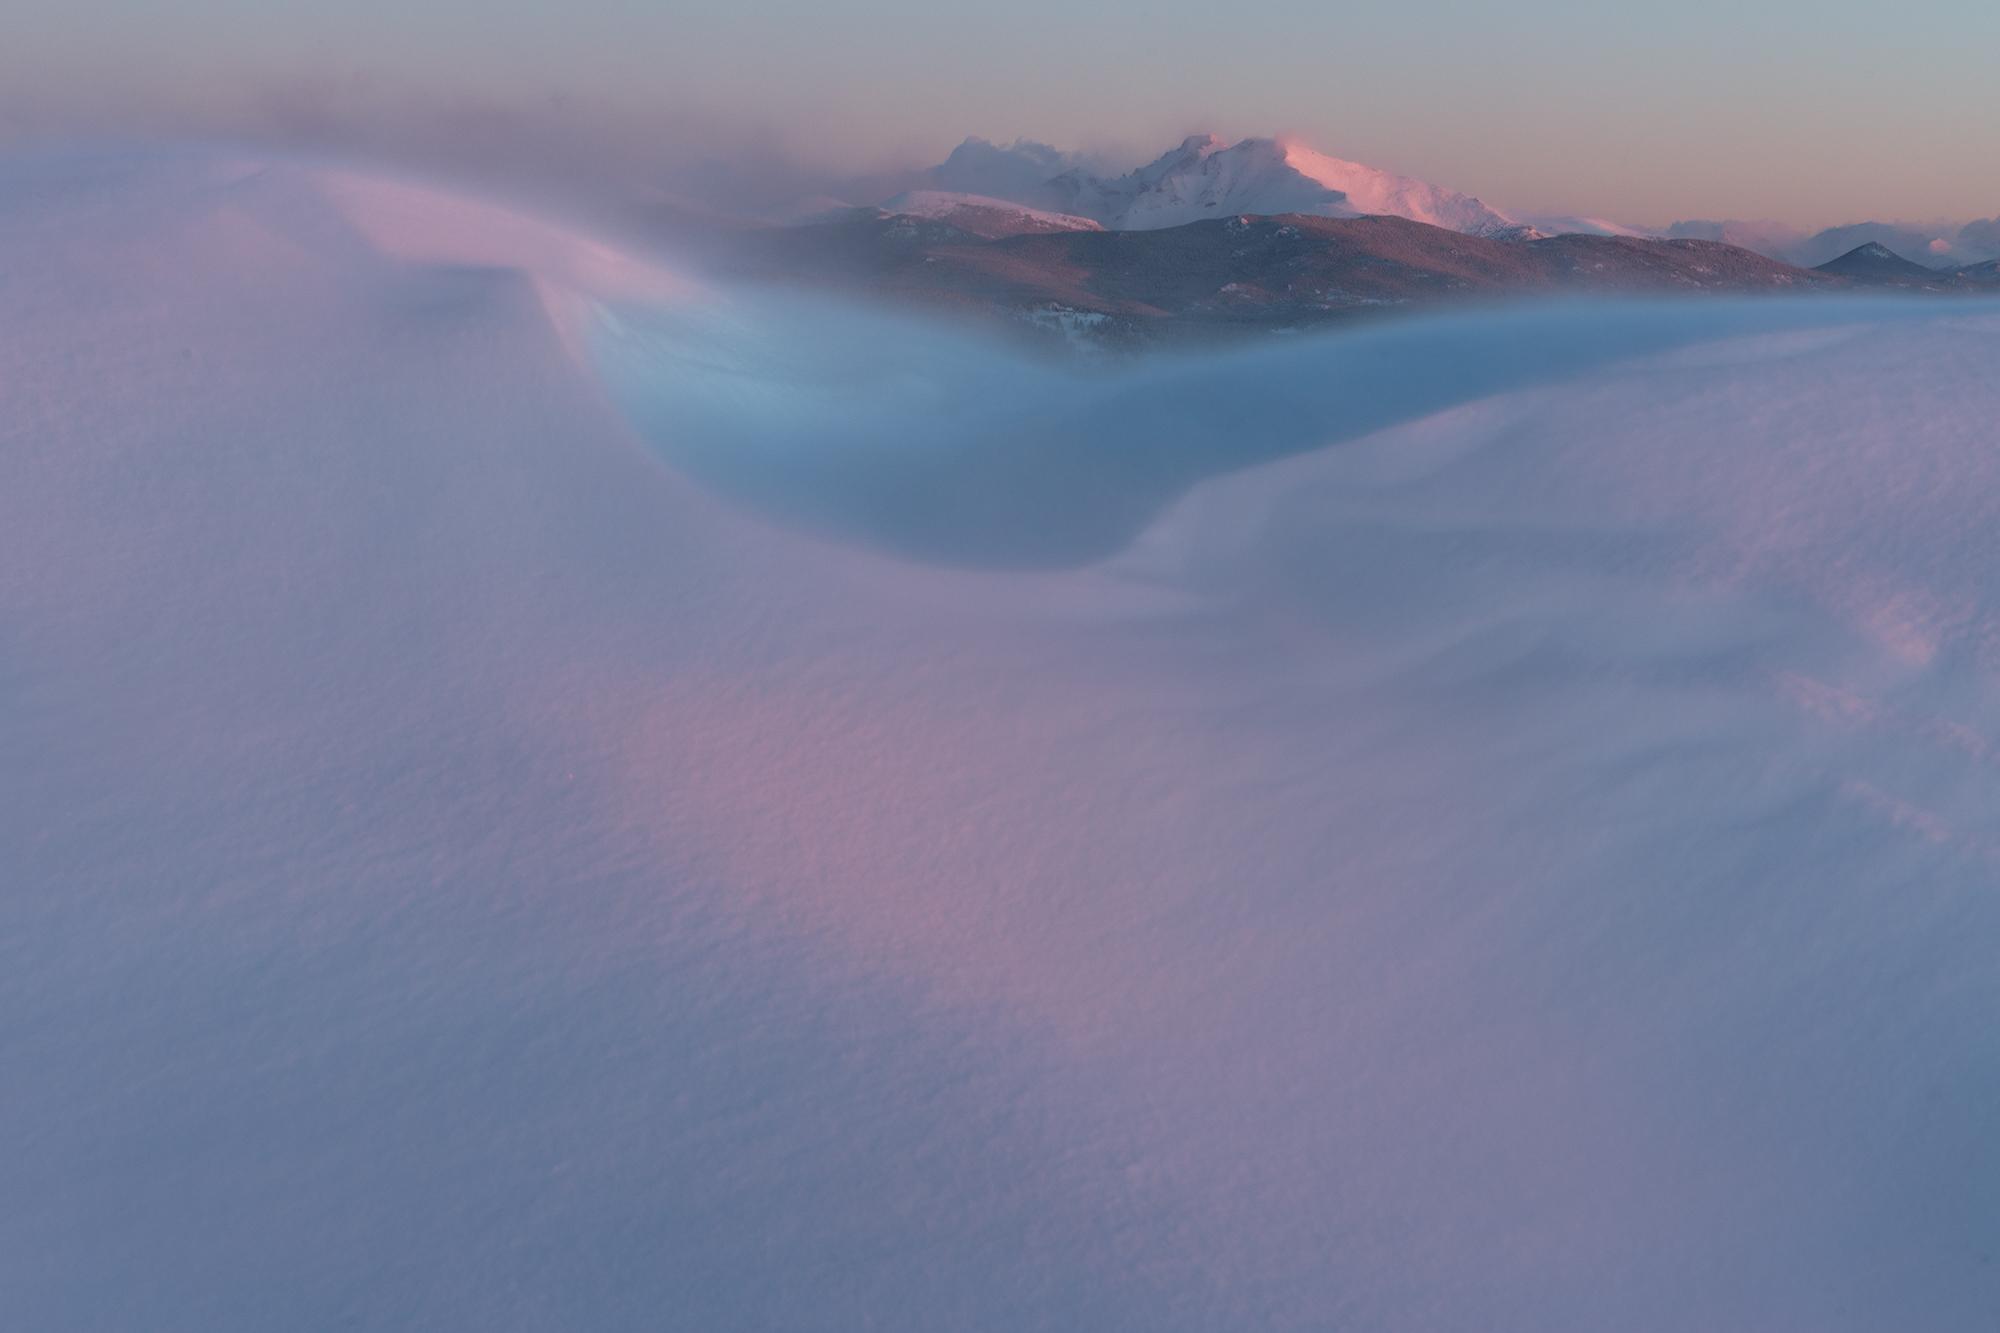 Sugarloaf, April Snow, #3. Sugarloaf Mountain, Colorado, 2017